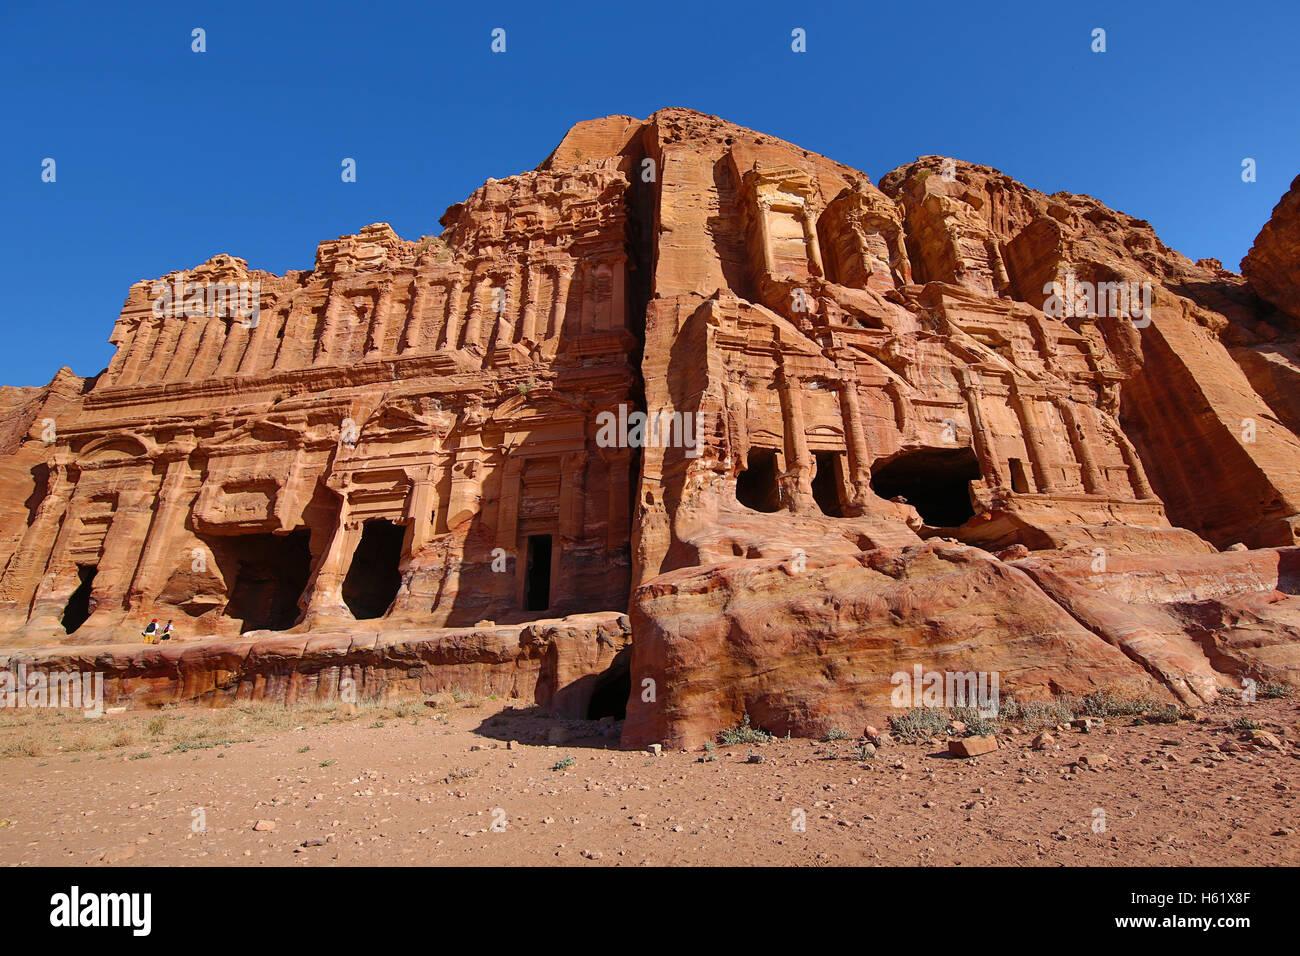 La Tomba di Corinzio e la tomba del Palazzo delle tombe reali del rock città di Petra, Giordania Foto Stock